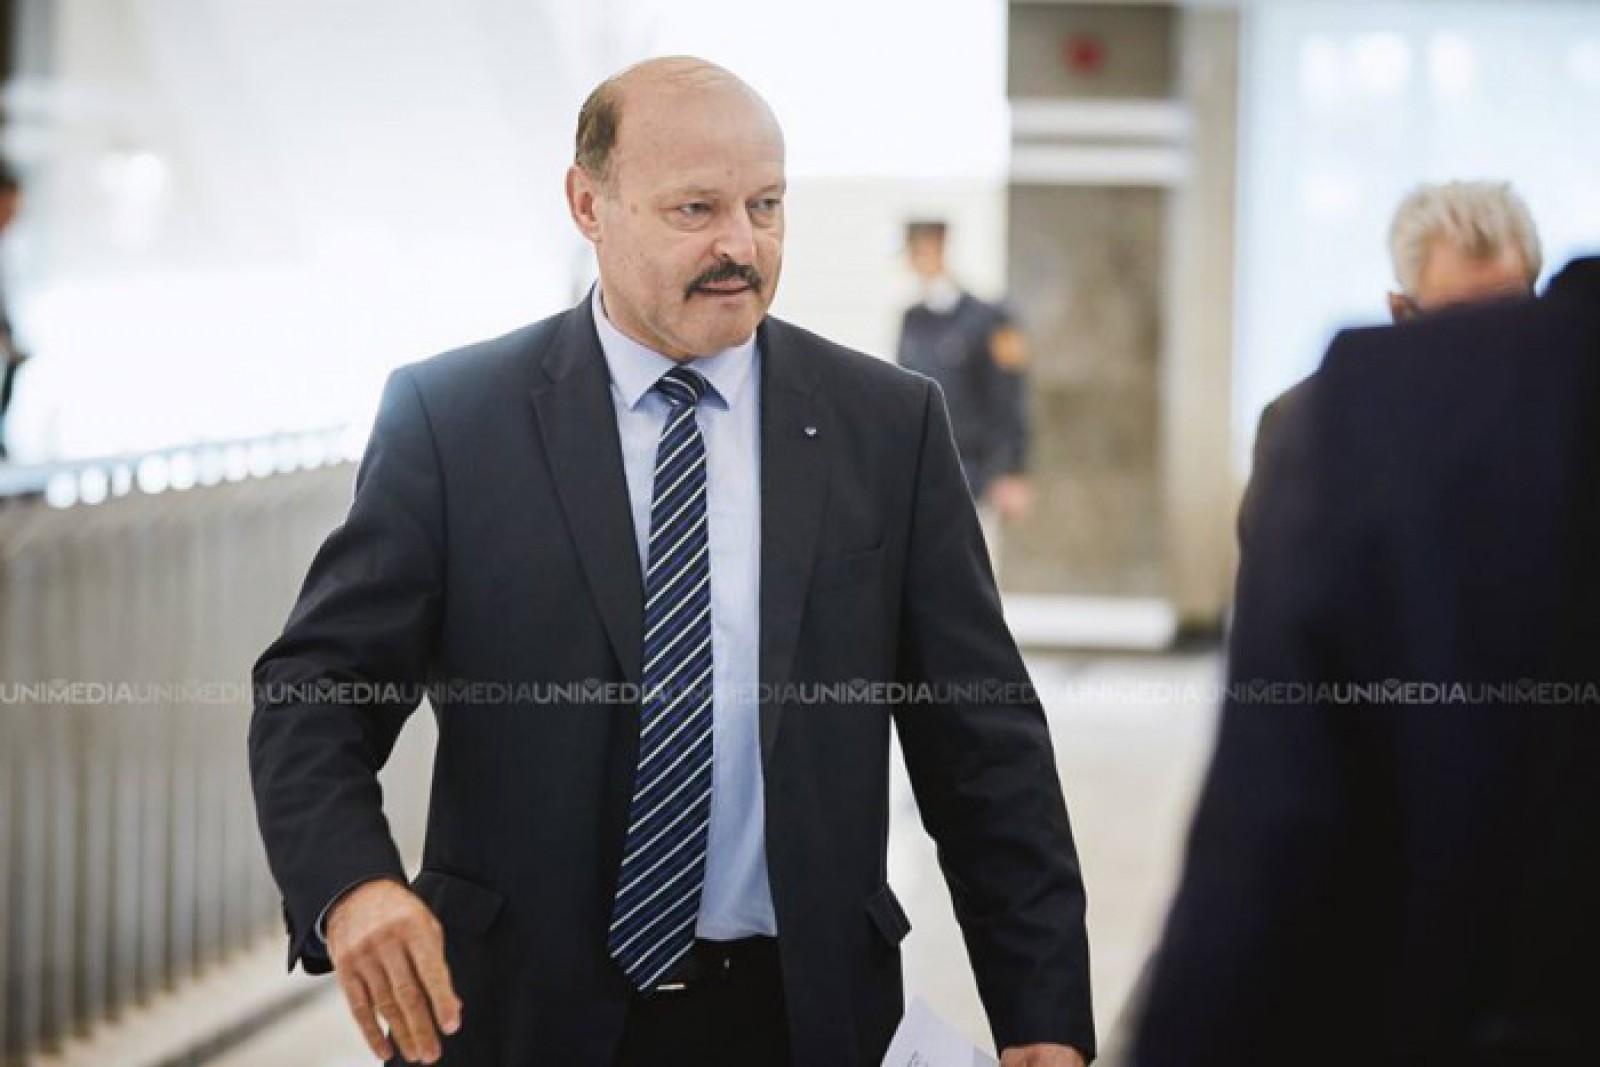 Ultima oră: Valeriu Ghilețchi, ales în funcția de vicepreședinte al Parlamentului în locul lui Iurie Leancă